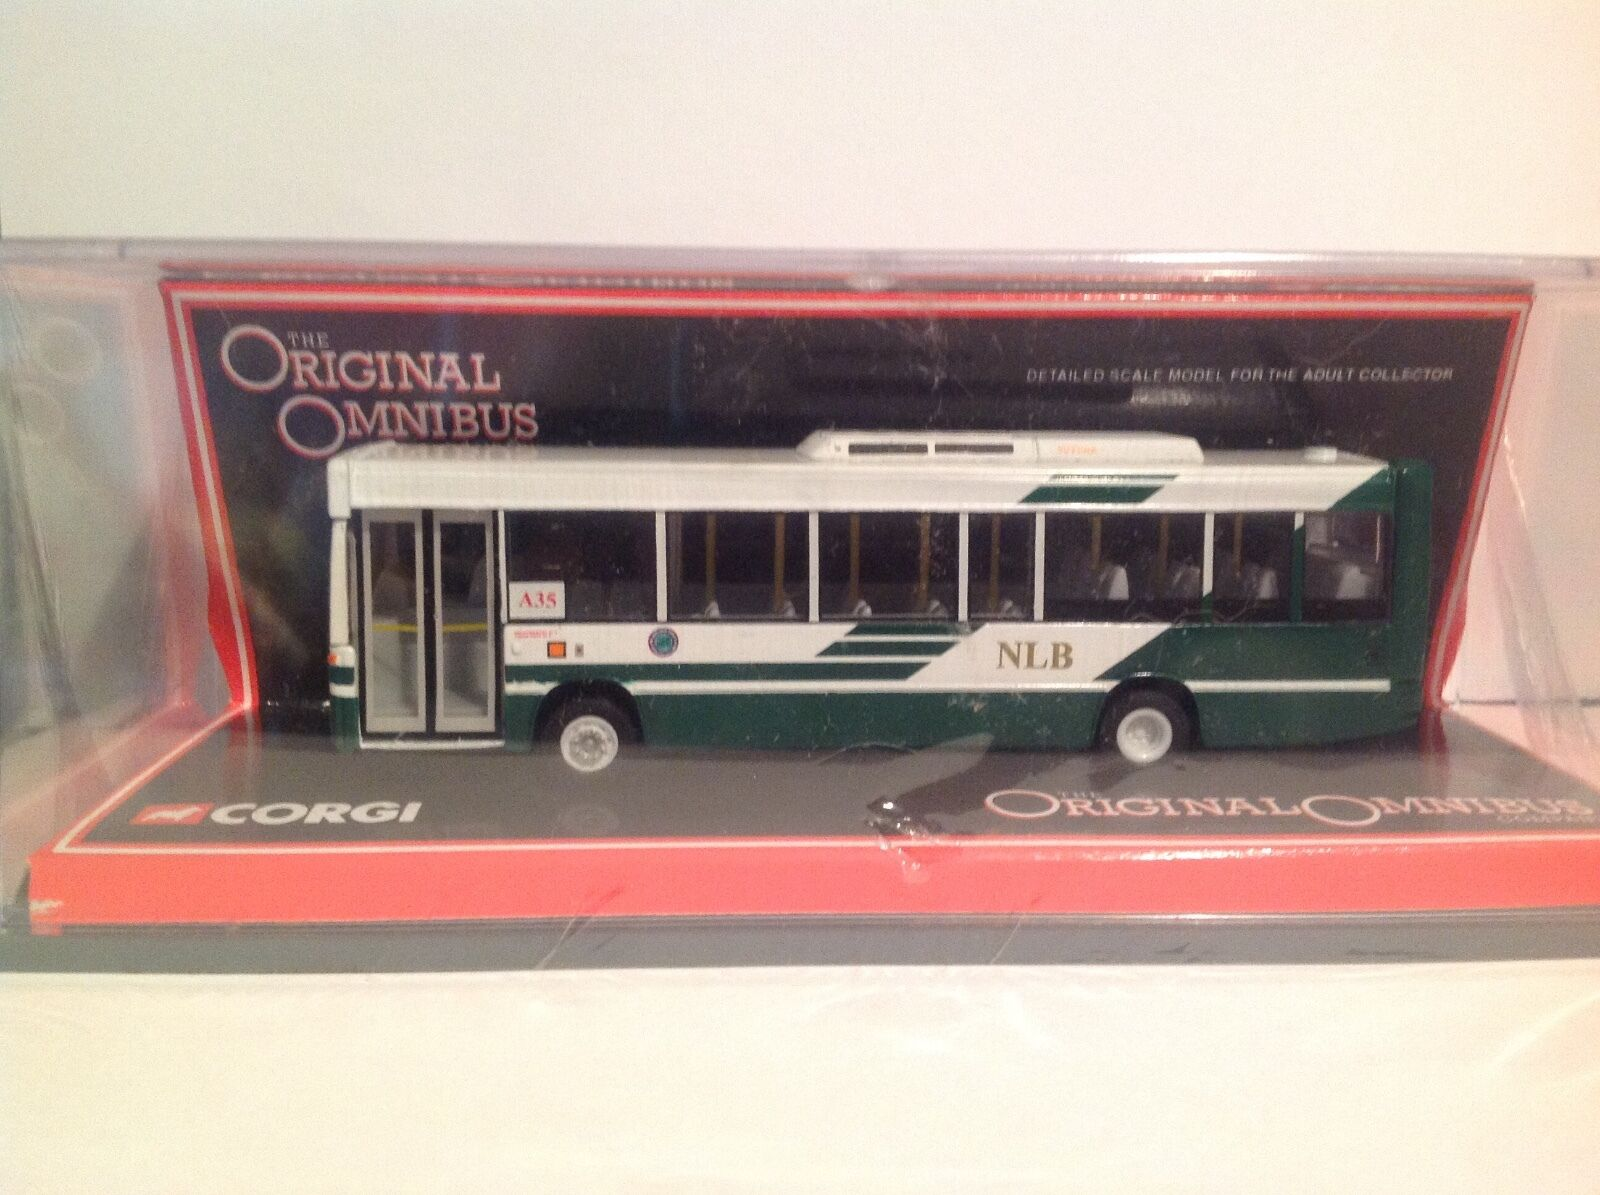 OM42814 Dennis Dart SLF New Lantao Bus LTD Edition No. 0687 of 2000